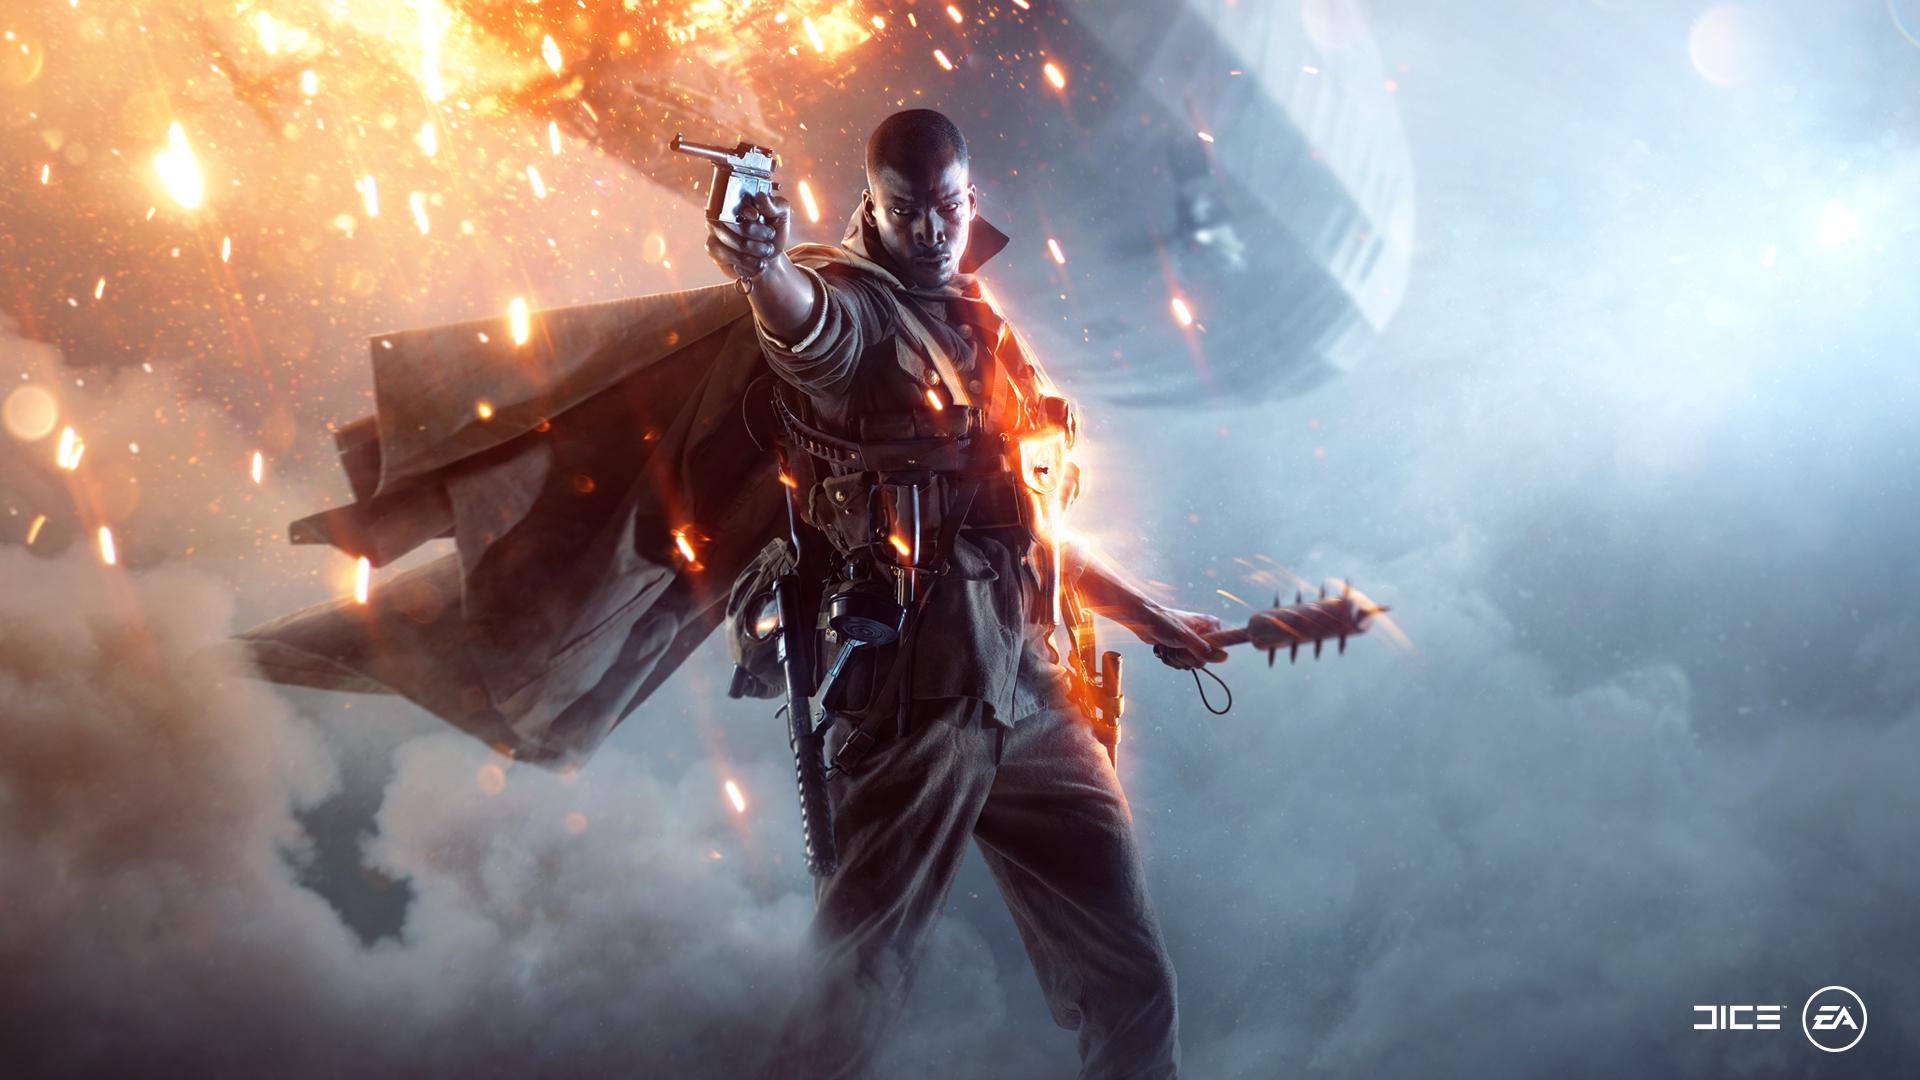 ¡Battlefield 1 y 5 GRATIS! Aquí te decimos cómo descargarlos para PC